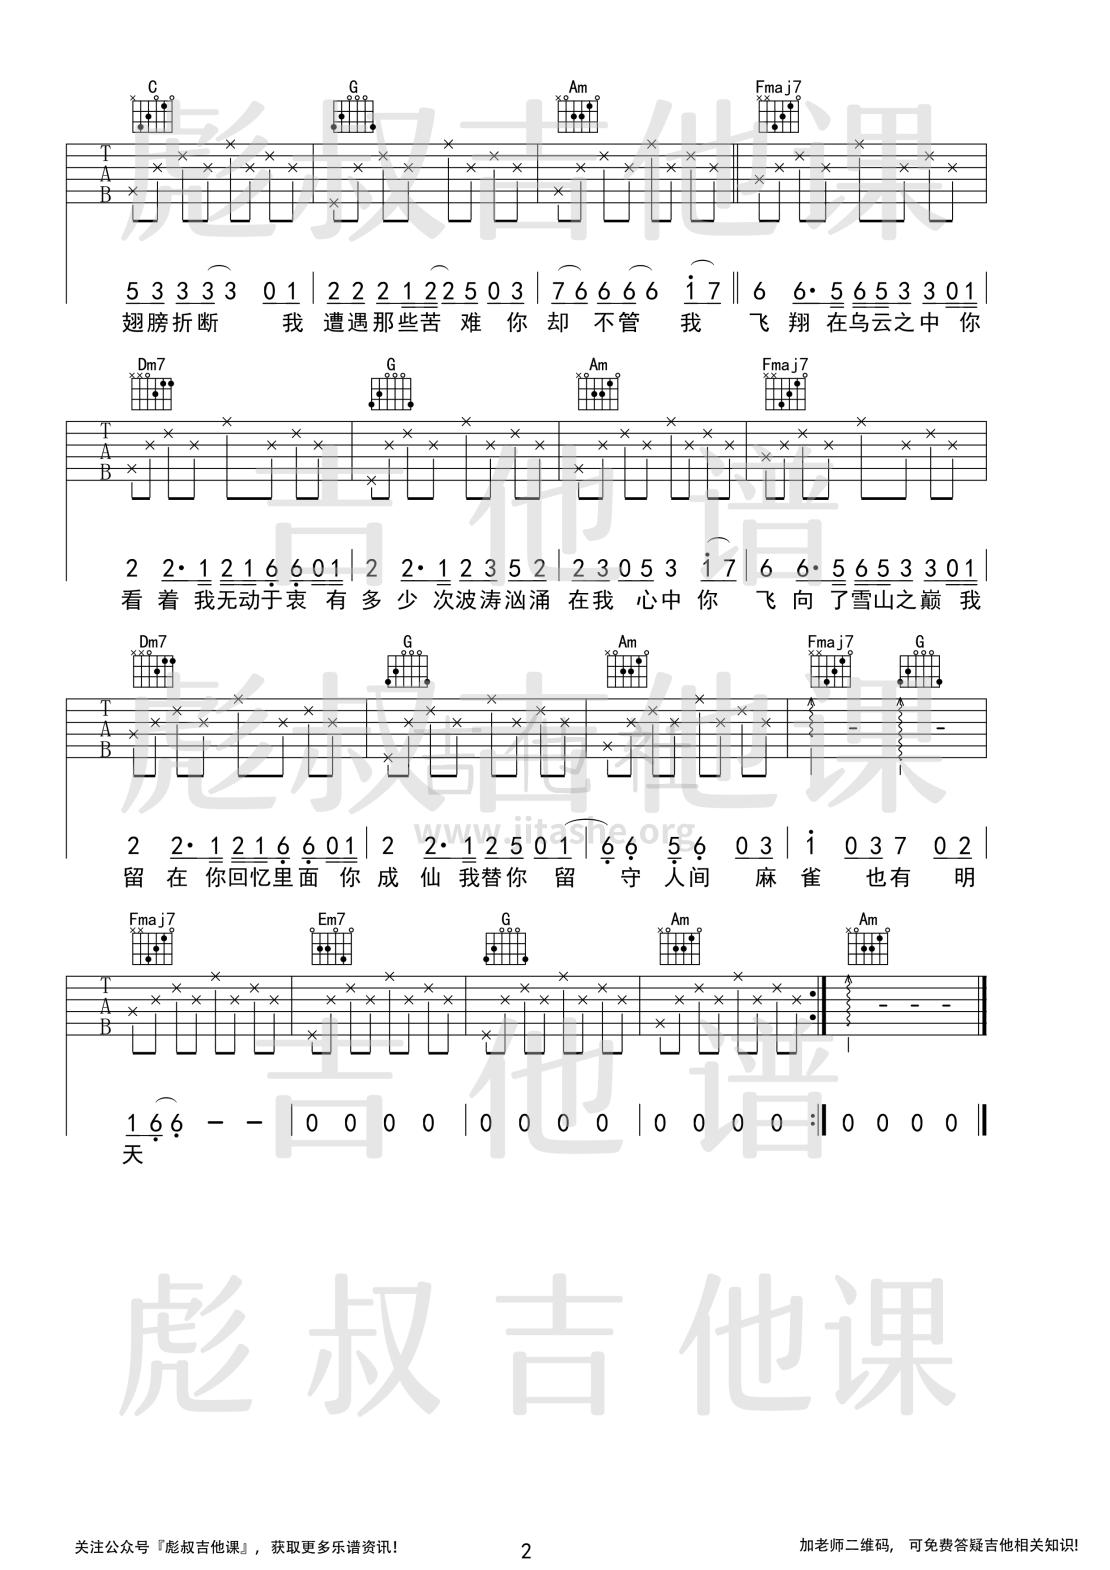 麻雀(彪叔吉他课制谱)吉他谱(图片谱,伴奏,弹唱,简单版)_李荣浩_麻雀 校订_2.png